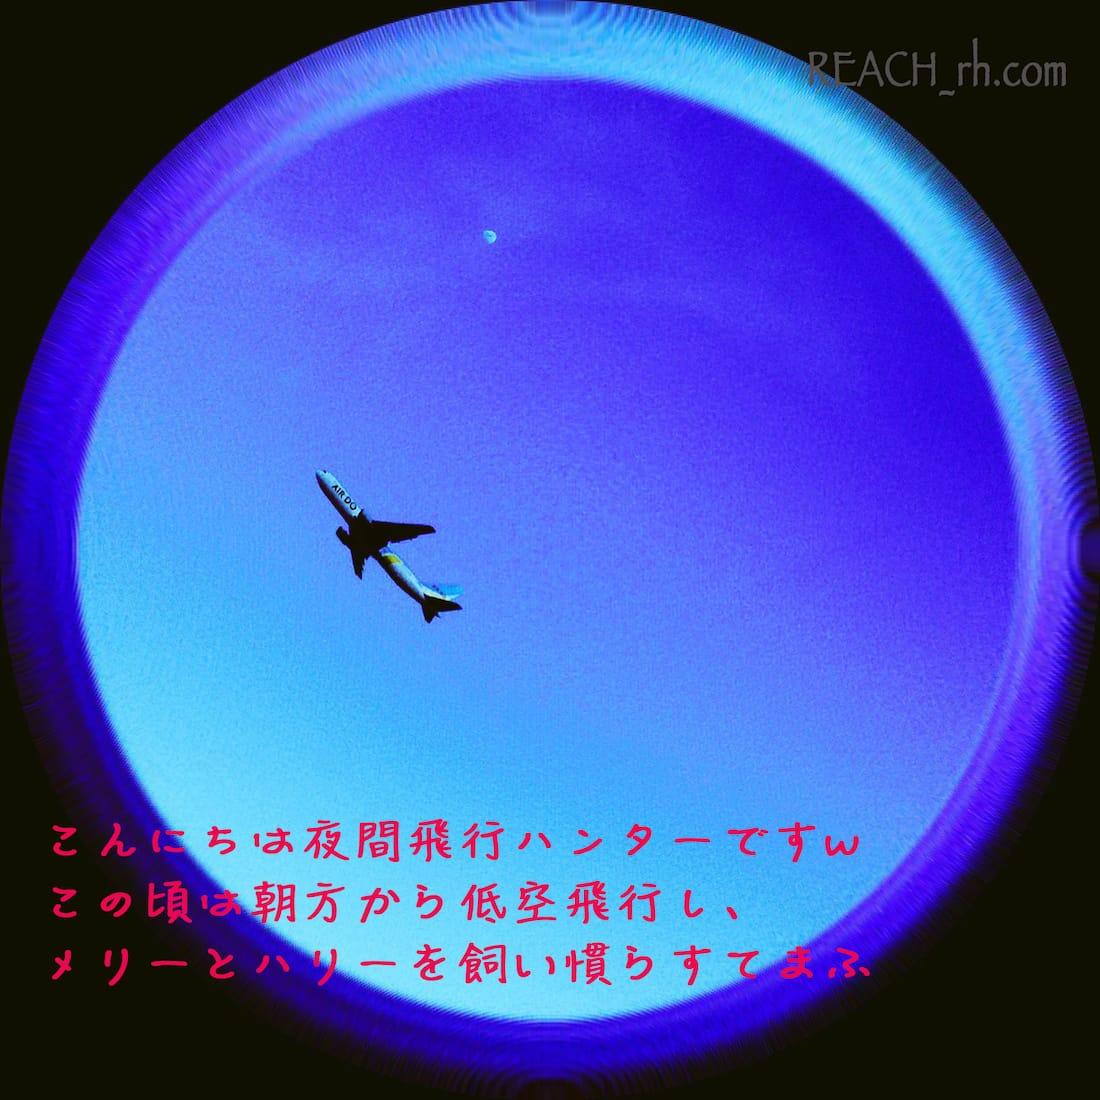 夜間飛行ハンターのメリハリ-min